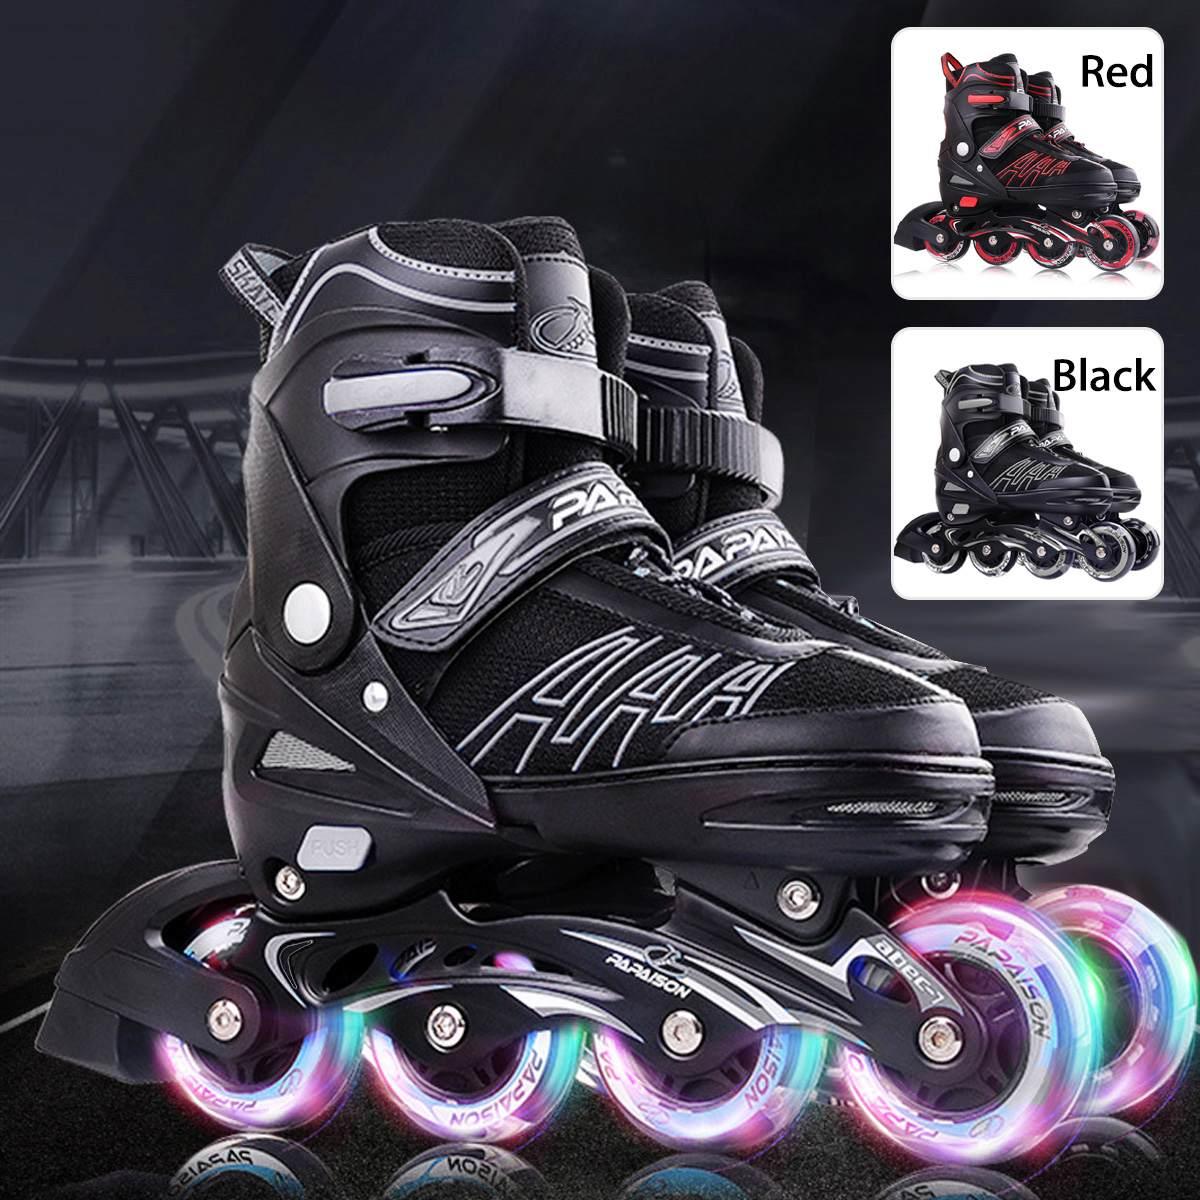 Inline Skates Shoes Roller Skates Sneakers Rollers For Girls Boys Beginner Kids Skates Inline Roller Skates 4 Wheels Flash Hot Promo 6ee670 Cicig